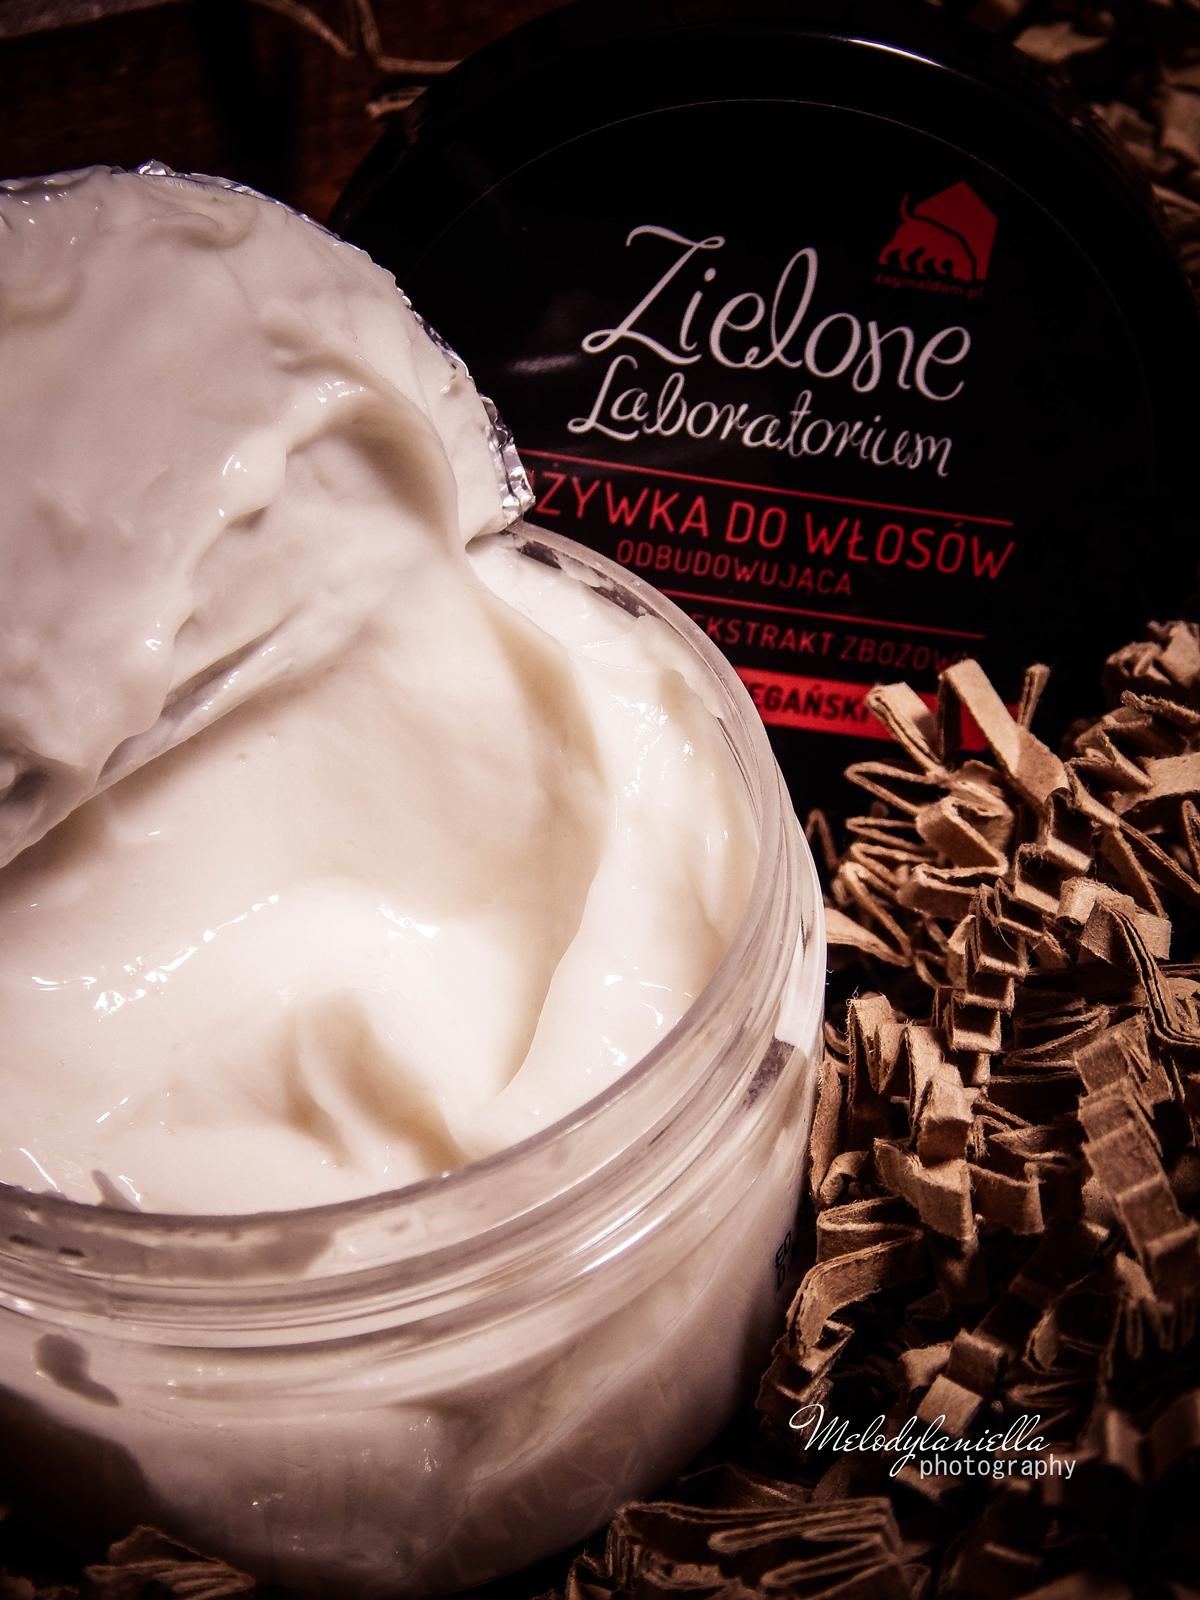 zielone laboratorium odżywka do włosów odbudowująca kosmetyki wegańskie żel do mycia szampon aromaterapeutyczny kosmetyki o mocnych zapachach olejki eteryczne kosmetyki naturalne konsystencja